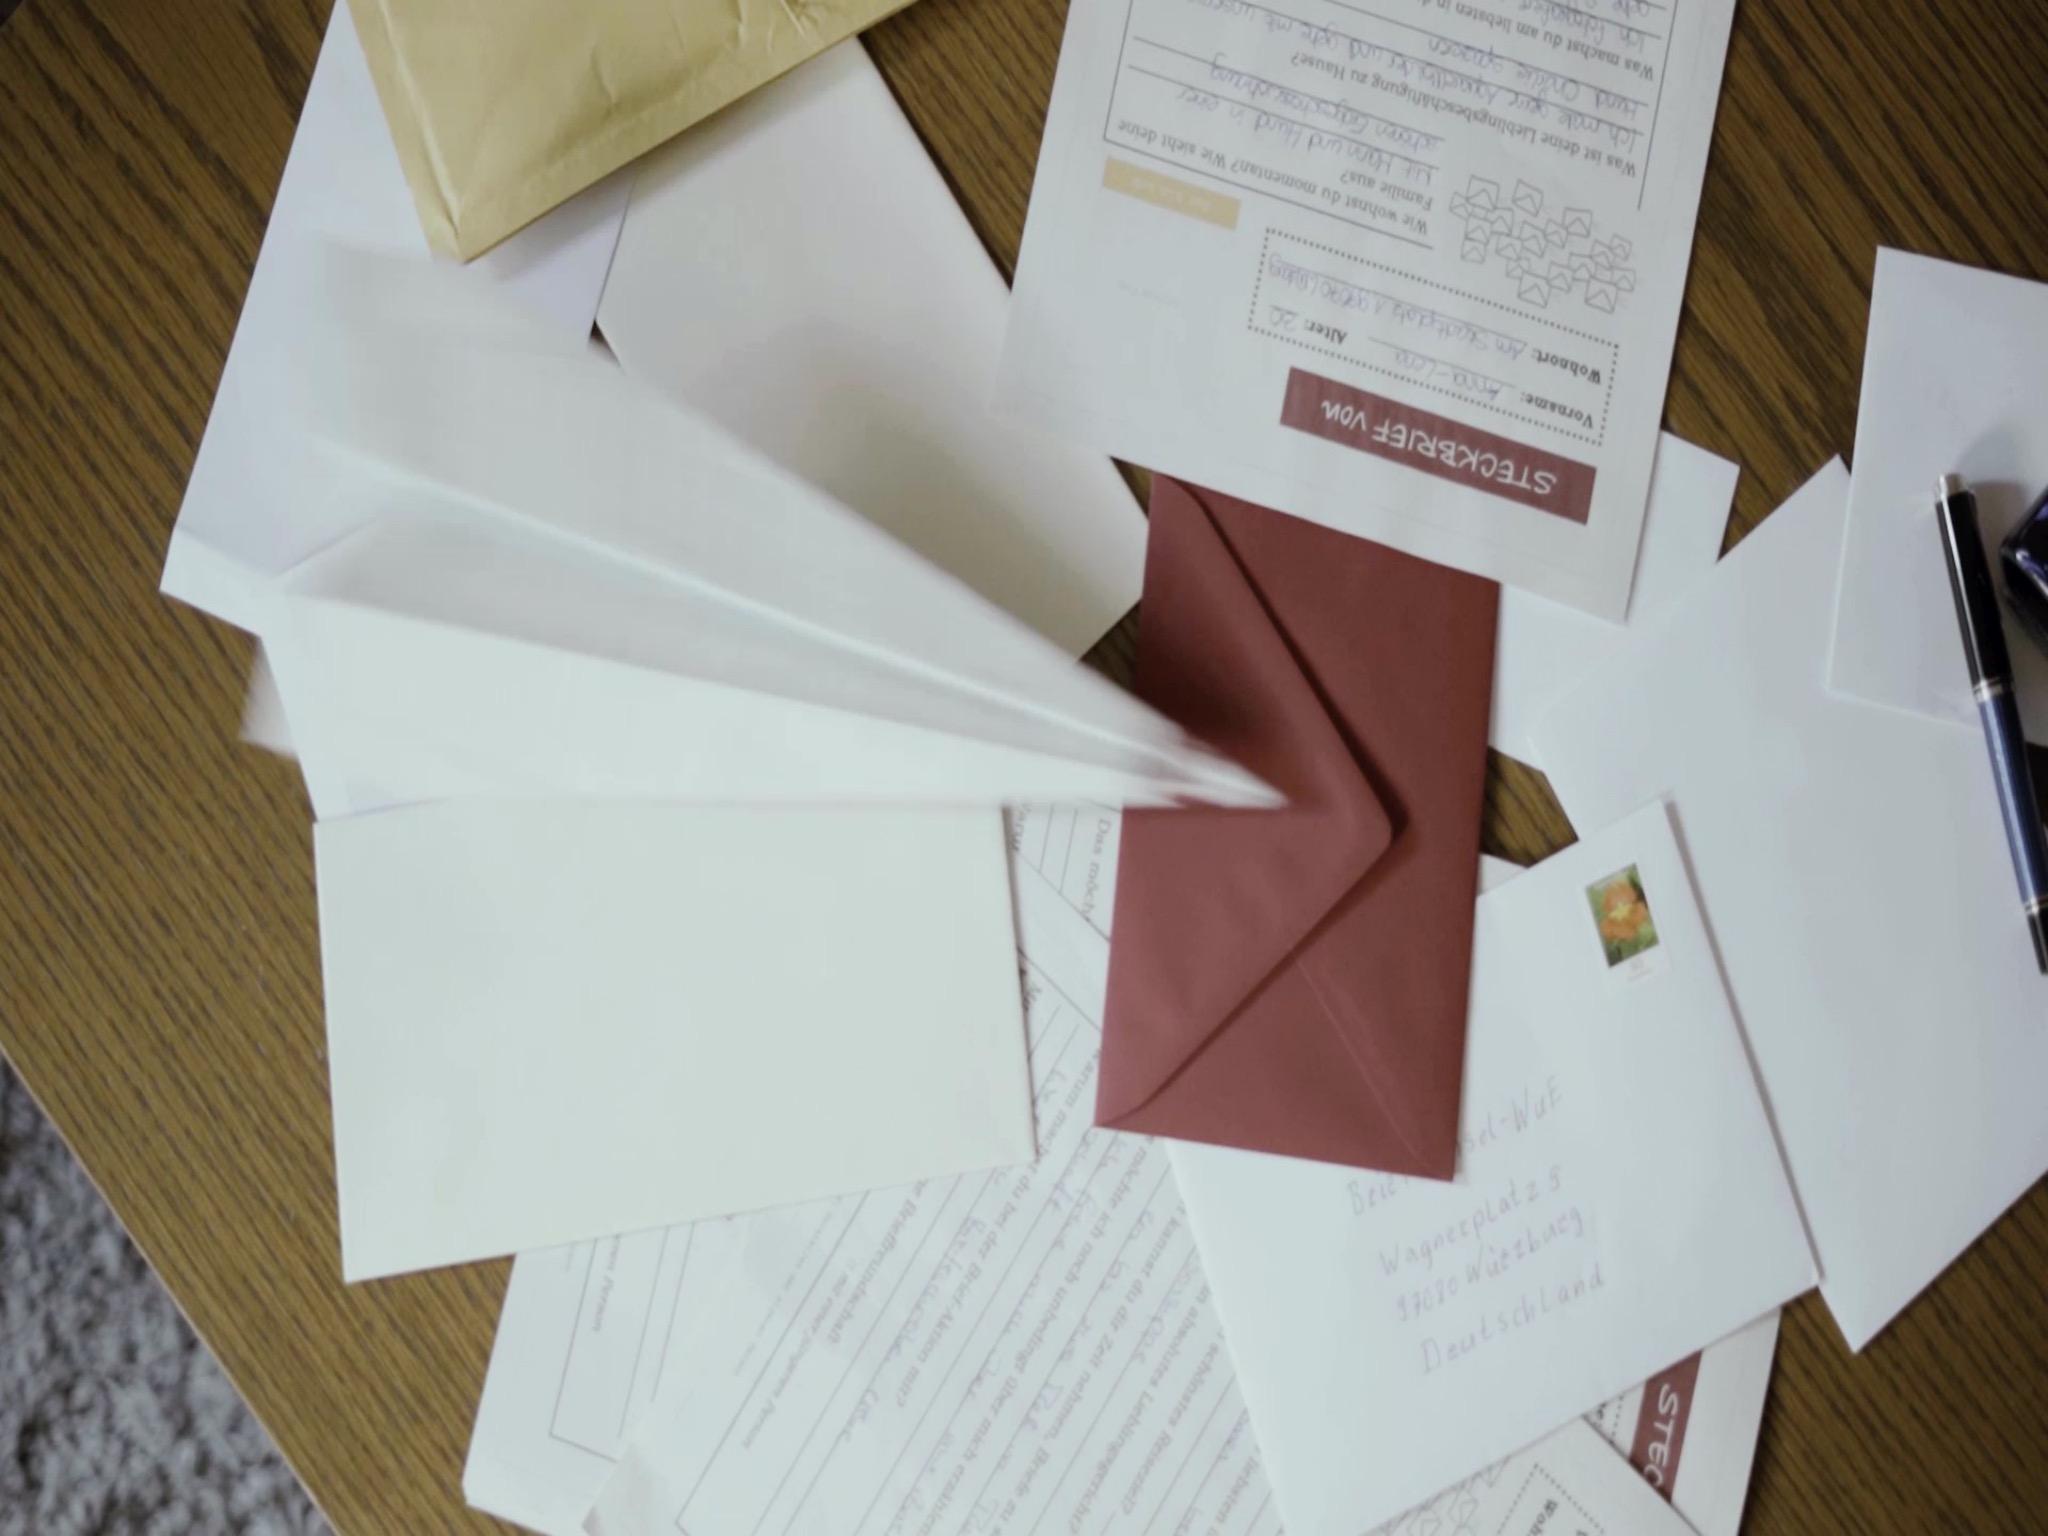 Seit einem Jahr gibt es nun schon Briefwechsel-Wue. Foto: Briefwechsel-Wue